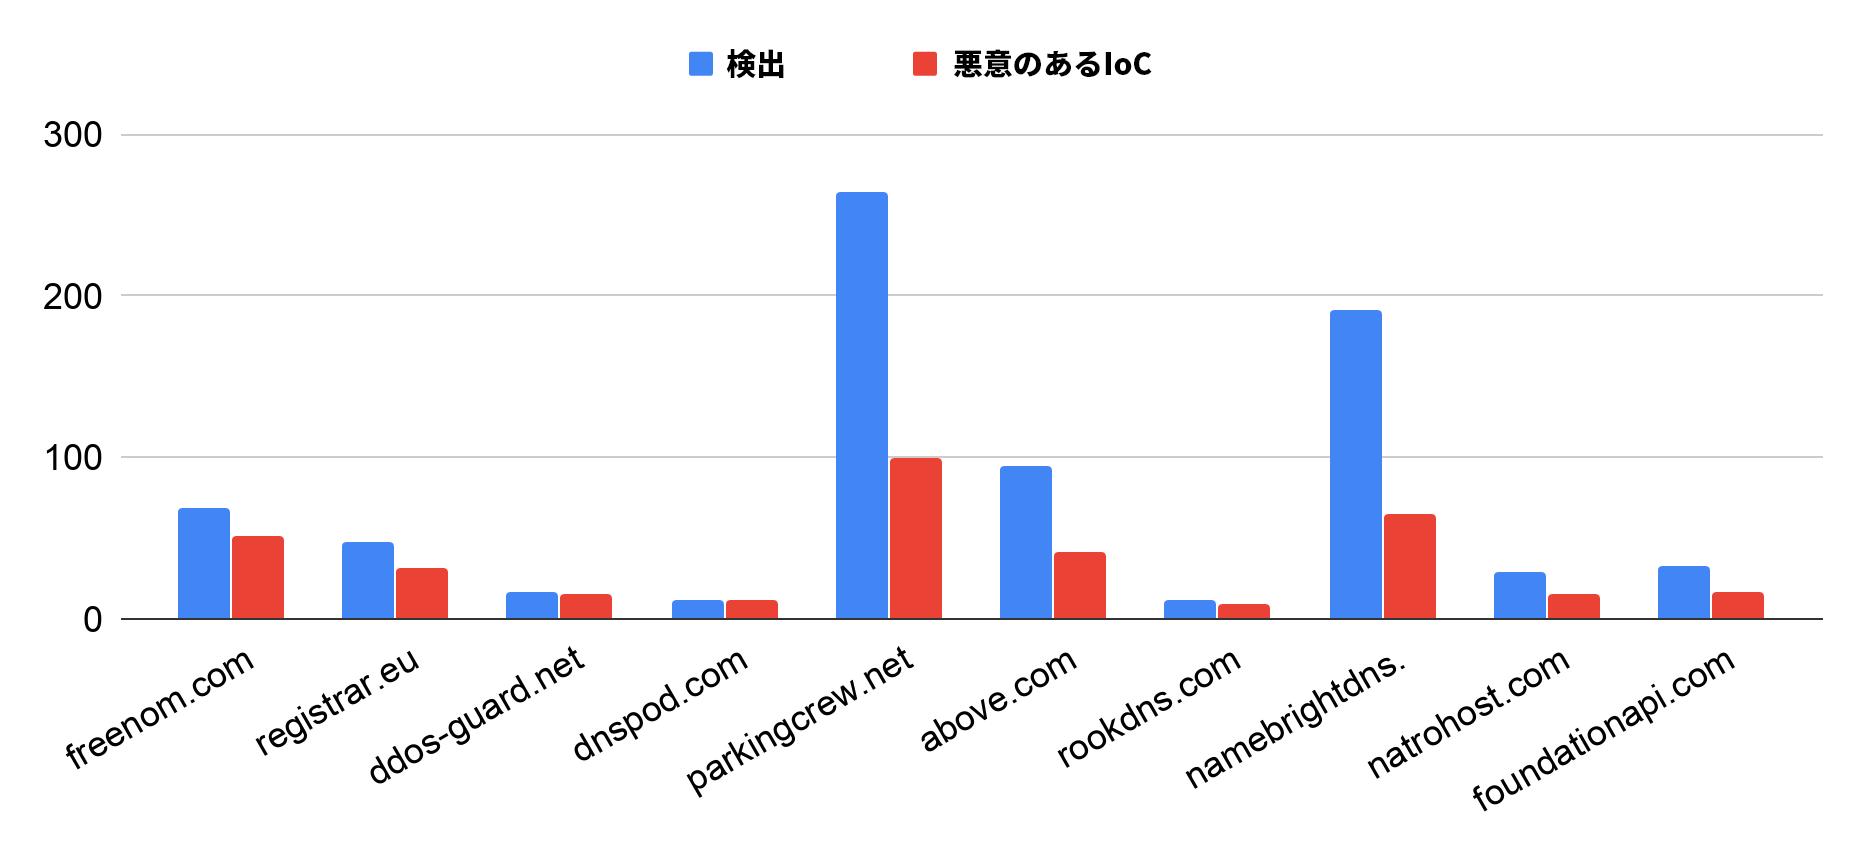 図4: 2019年12月に最も悪用されたDNSサービス上位10